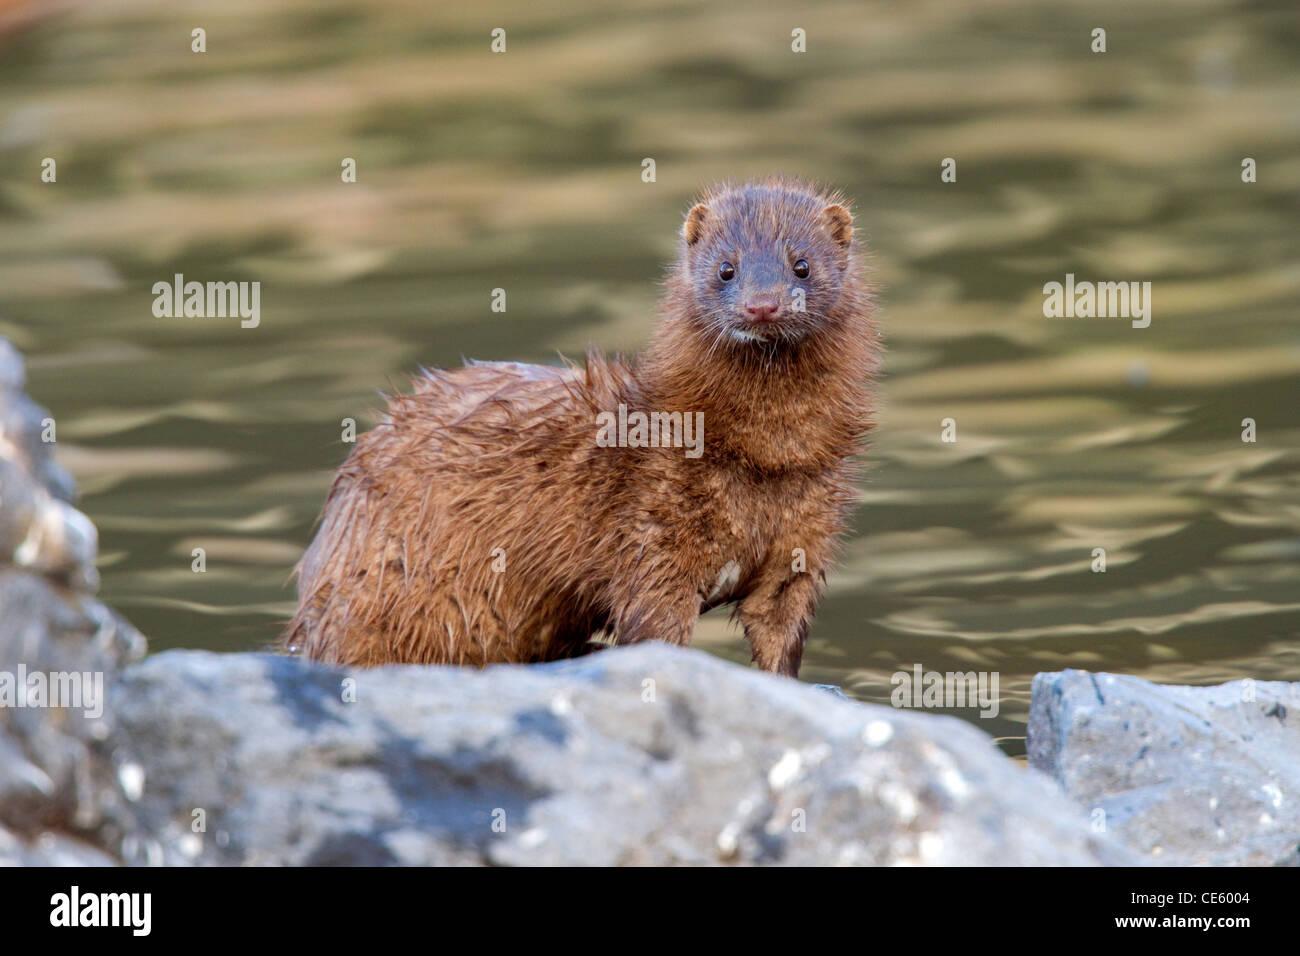 Mink Mustela vison Klamath Falls, Oregon, United States 9 May Adult Mustelidae - Stock Image